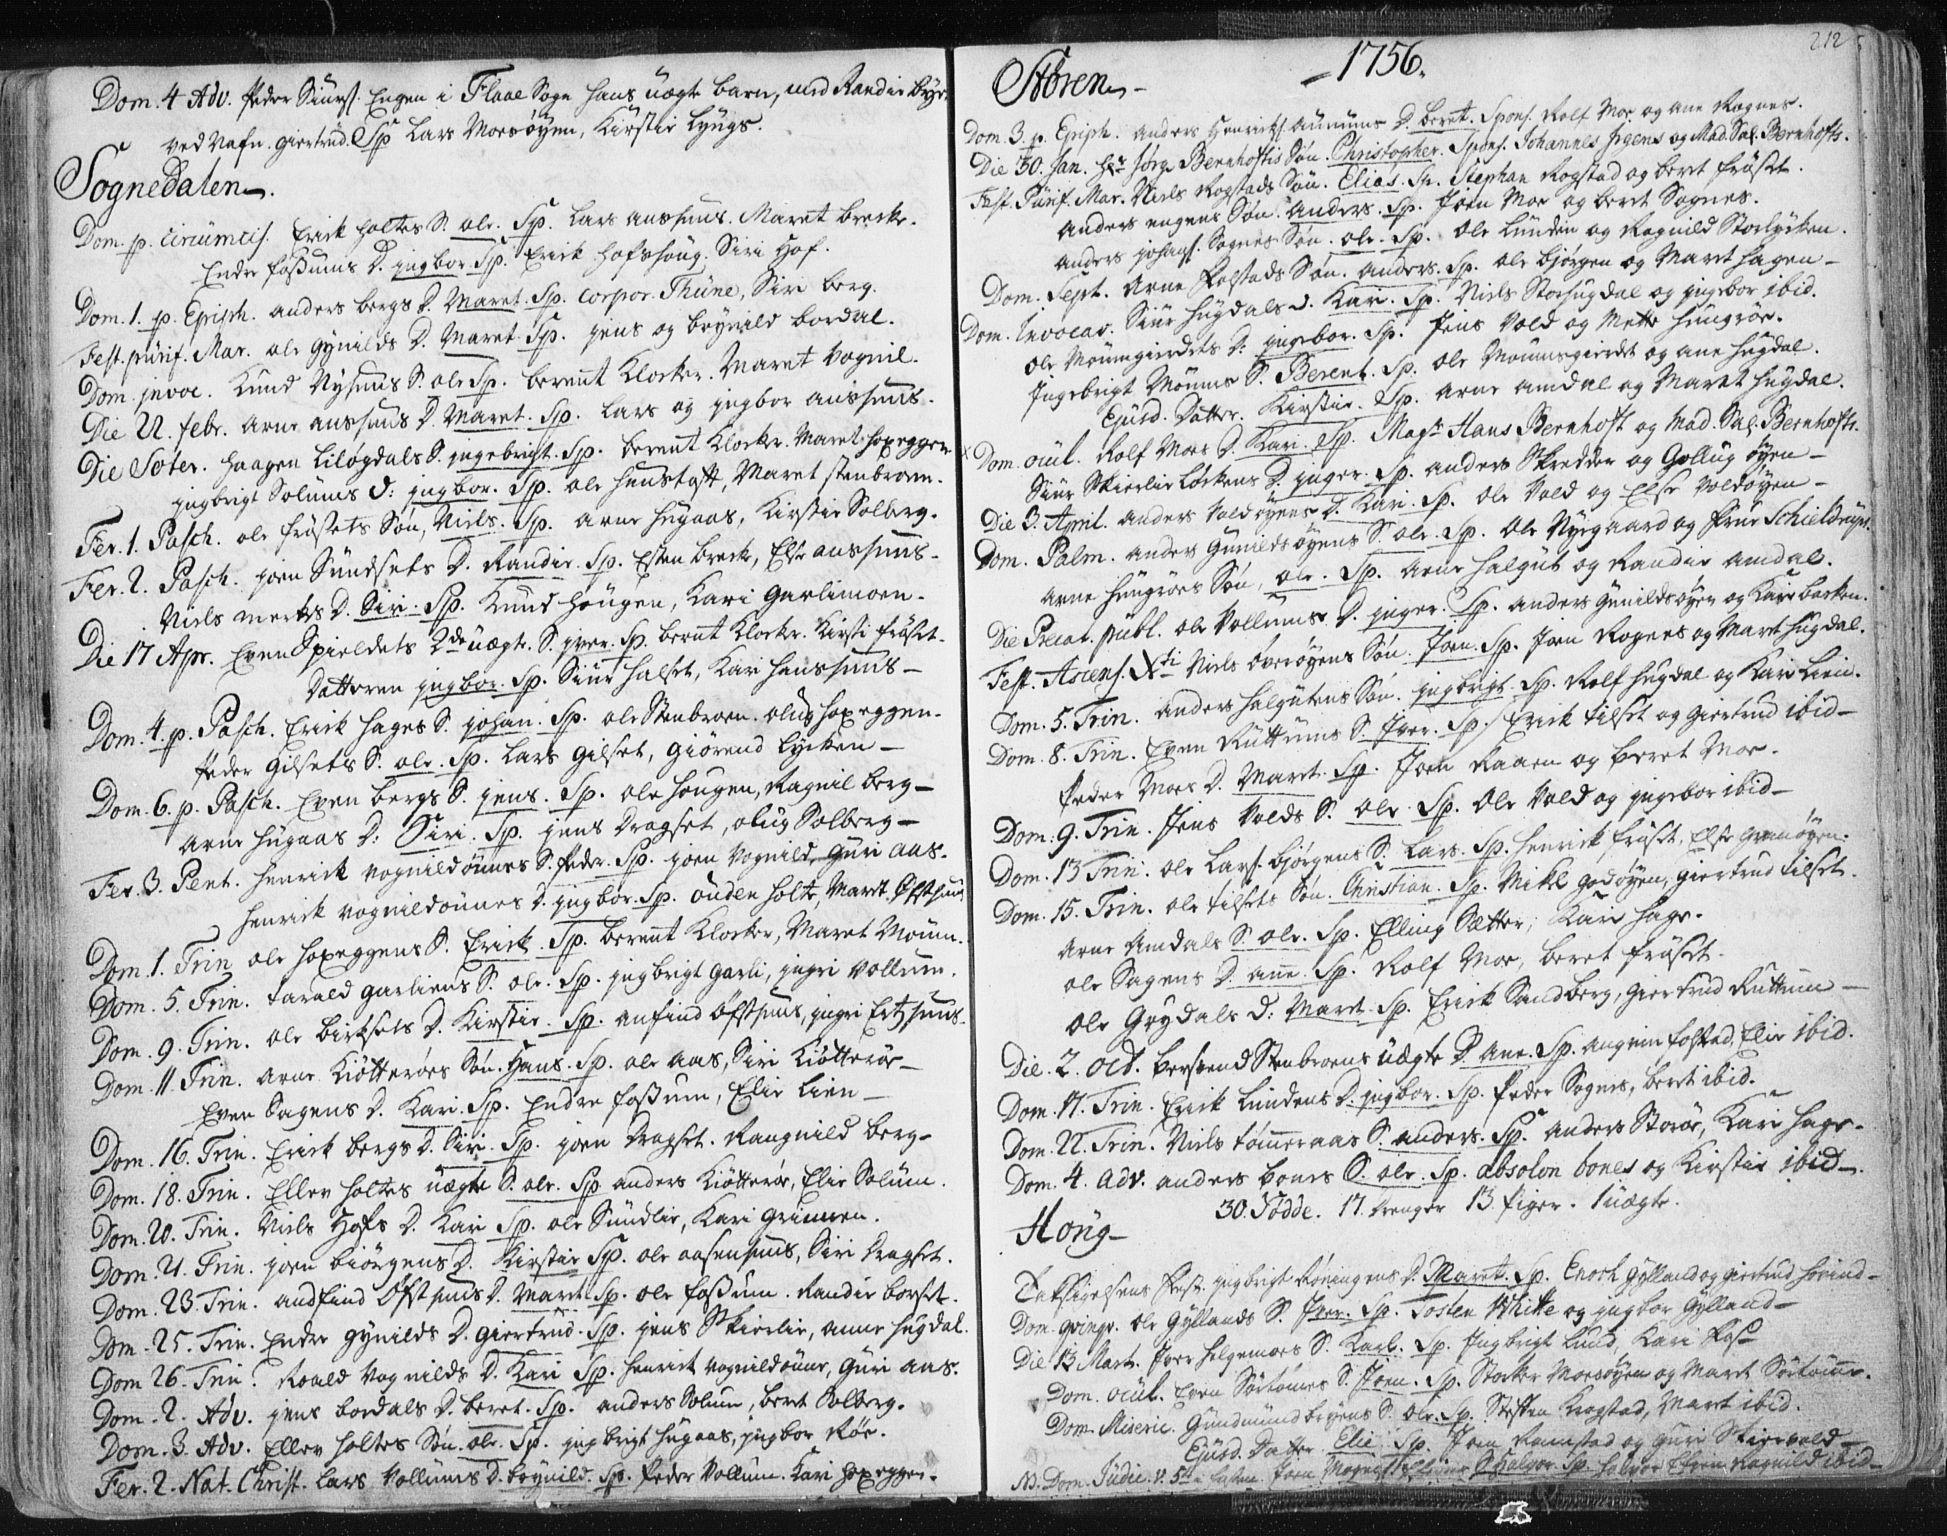 SAT, Ministerialprotokoller, klokkerbøker og fødselsregistre - Sør-Trøndelag, 687/L0991: Ministerialbok nr. 687A02, 1747-1790, s. 212